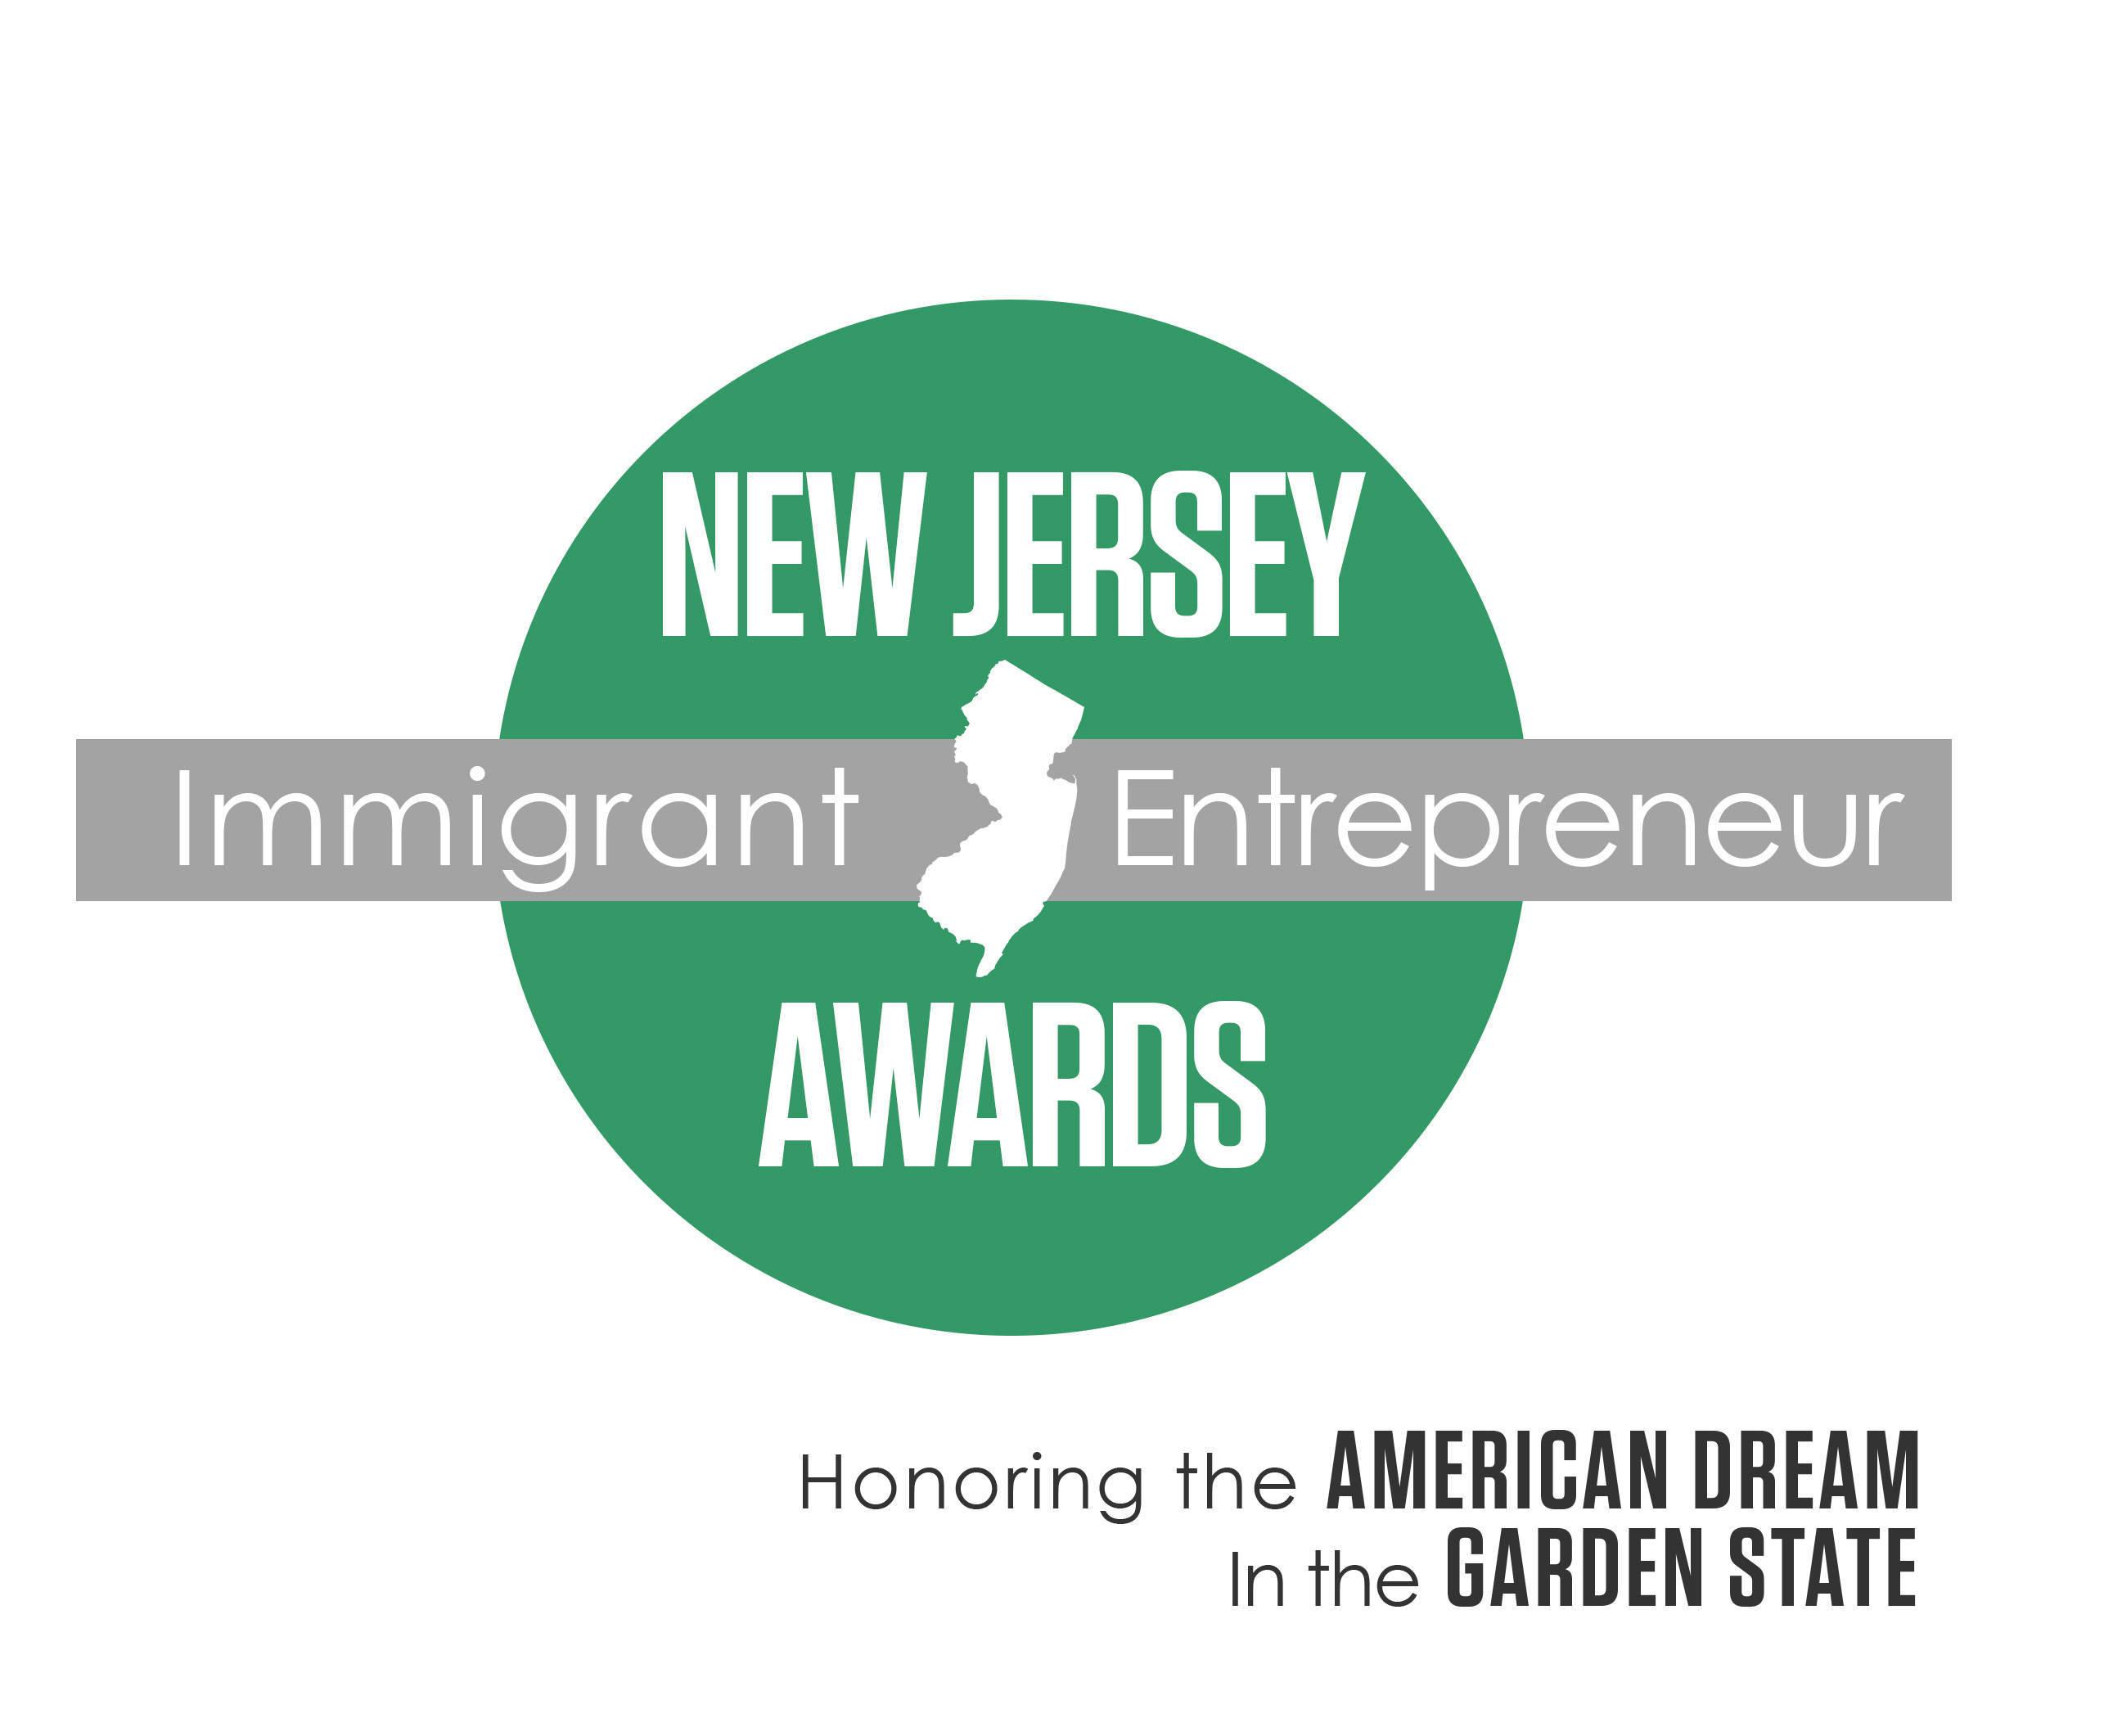 d039c9b54fea908eba1b_NJ_Immigrant_Entrepreneur_Awards.jpg